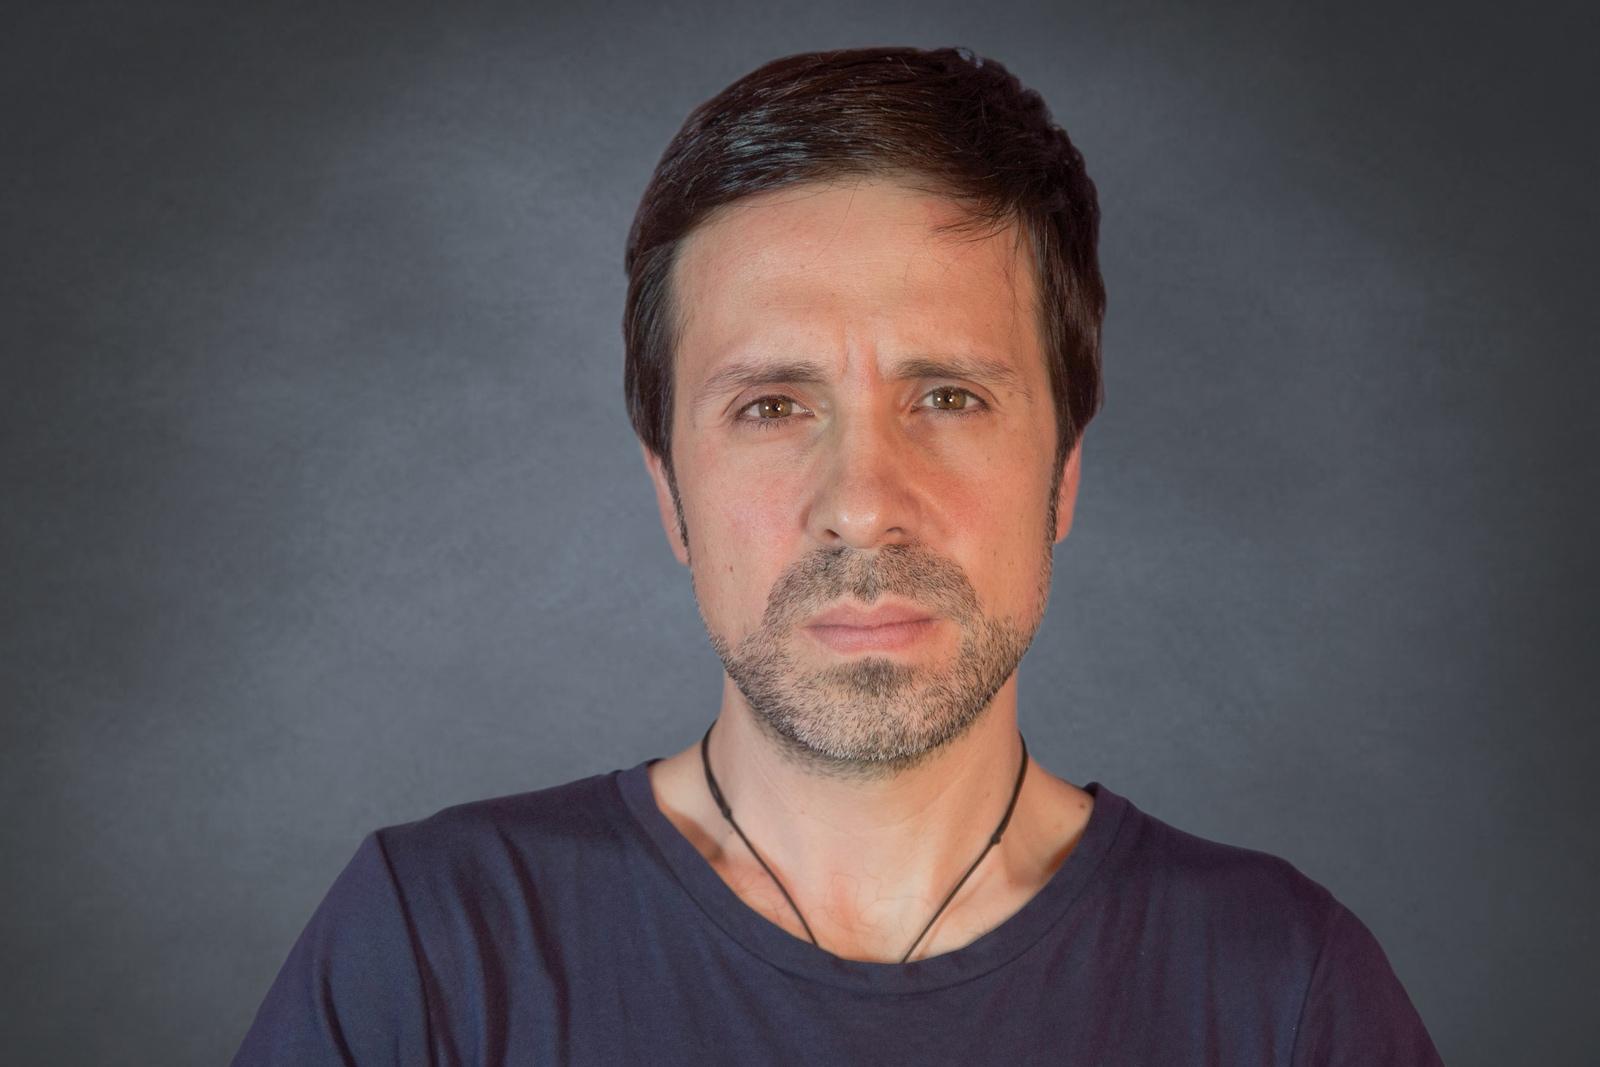 Germán Roda